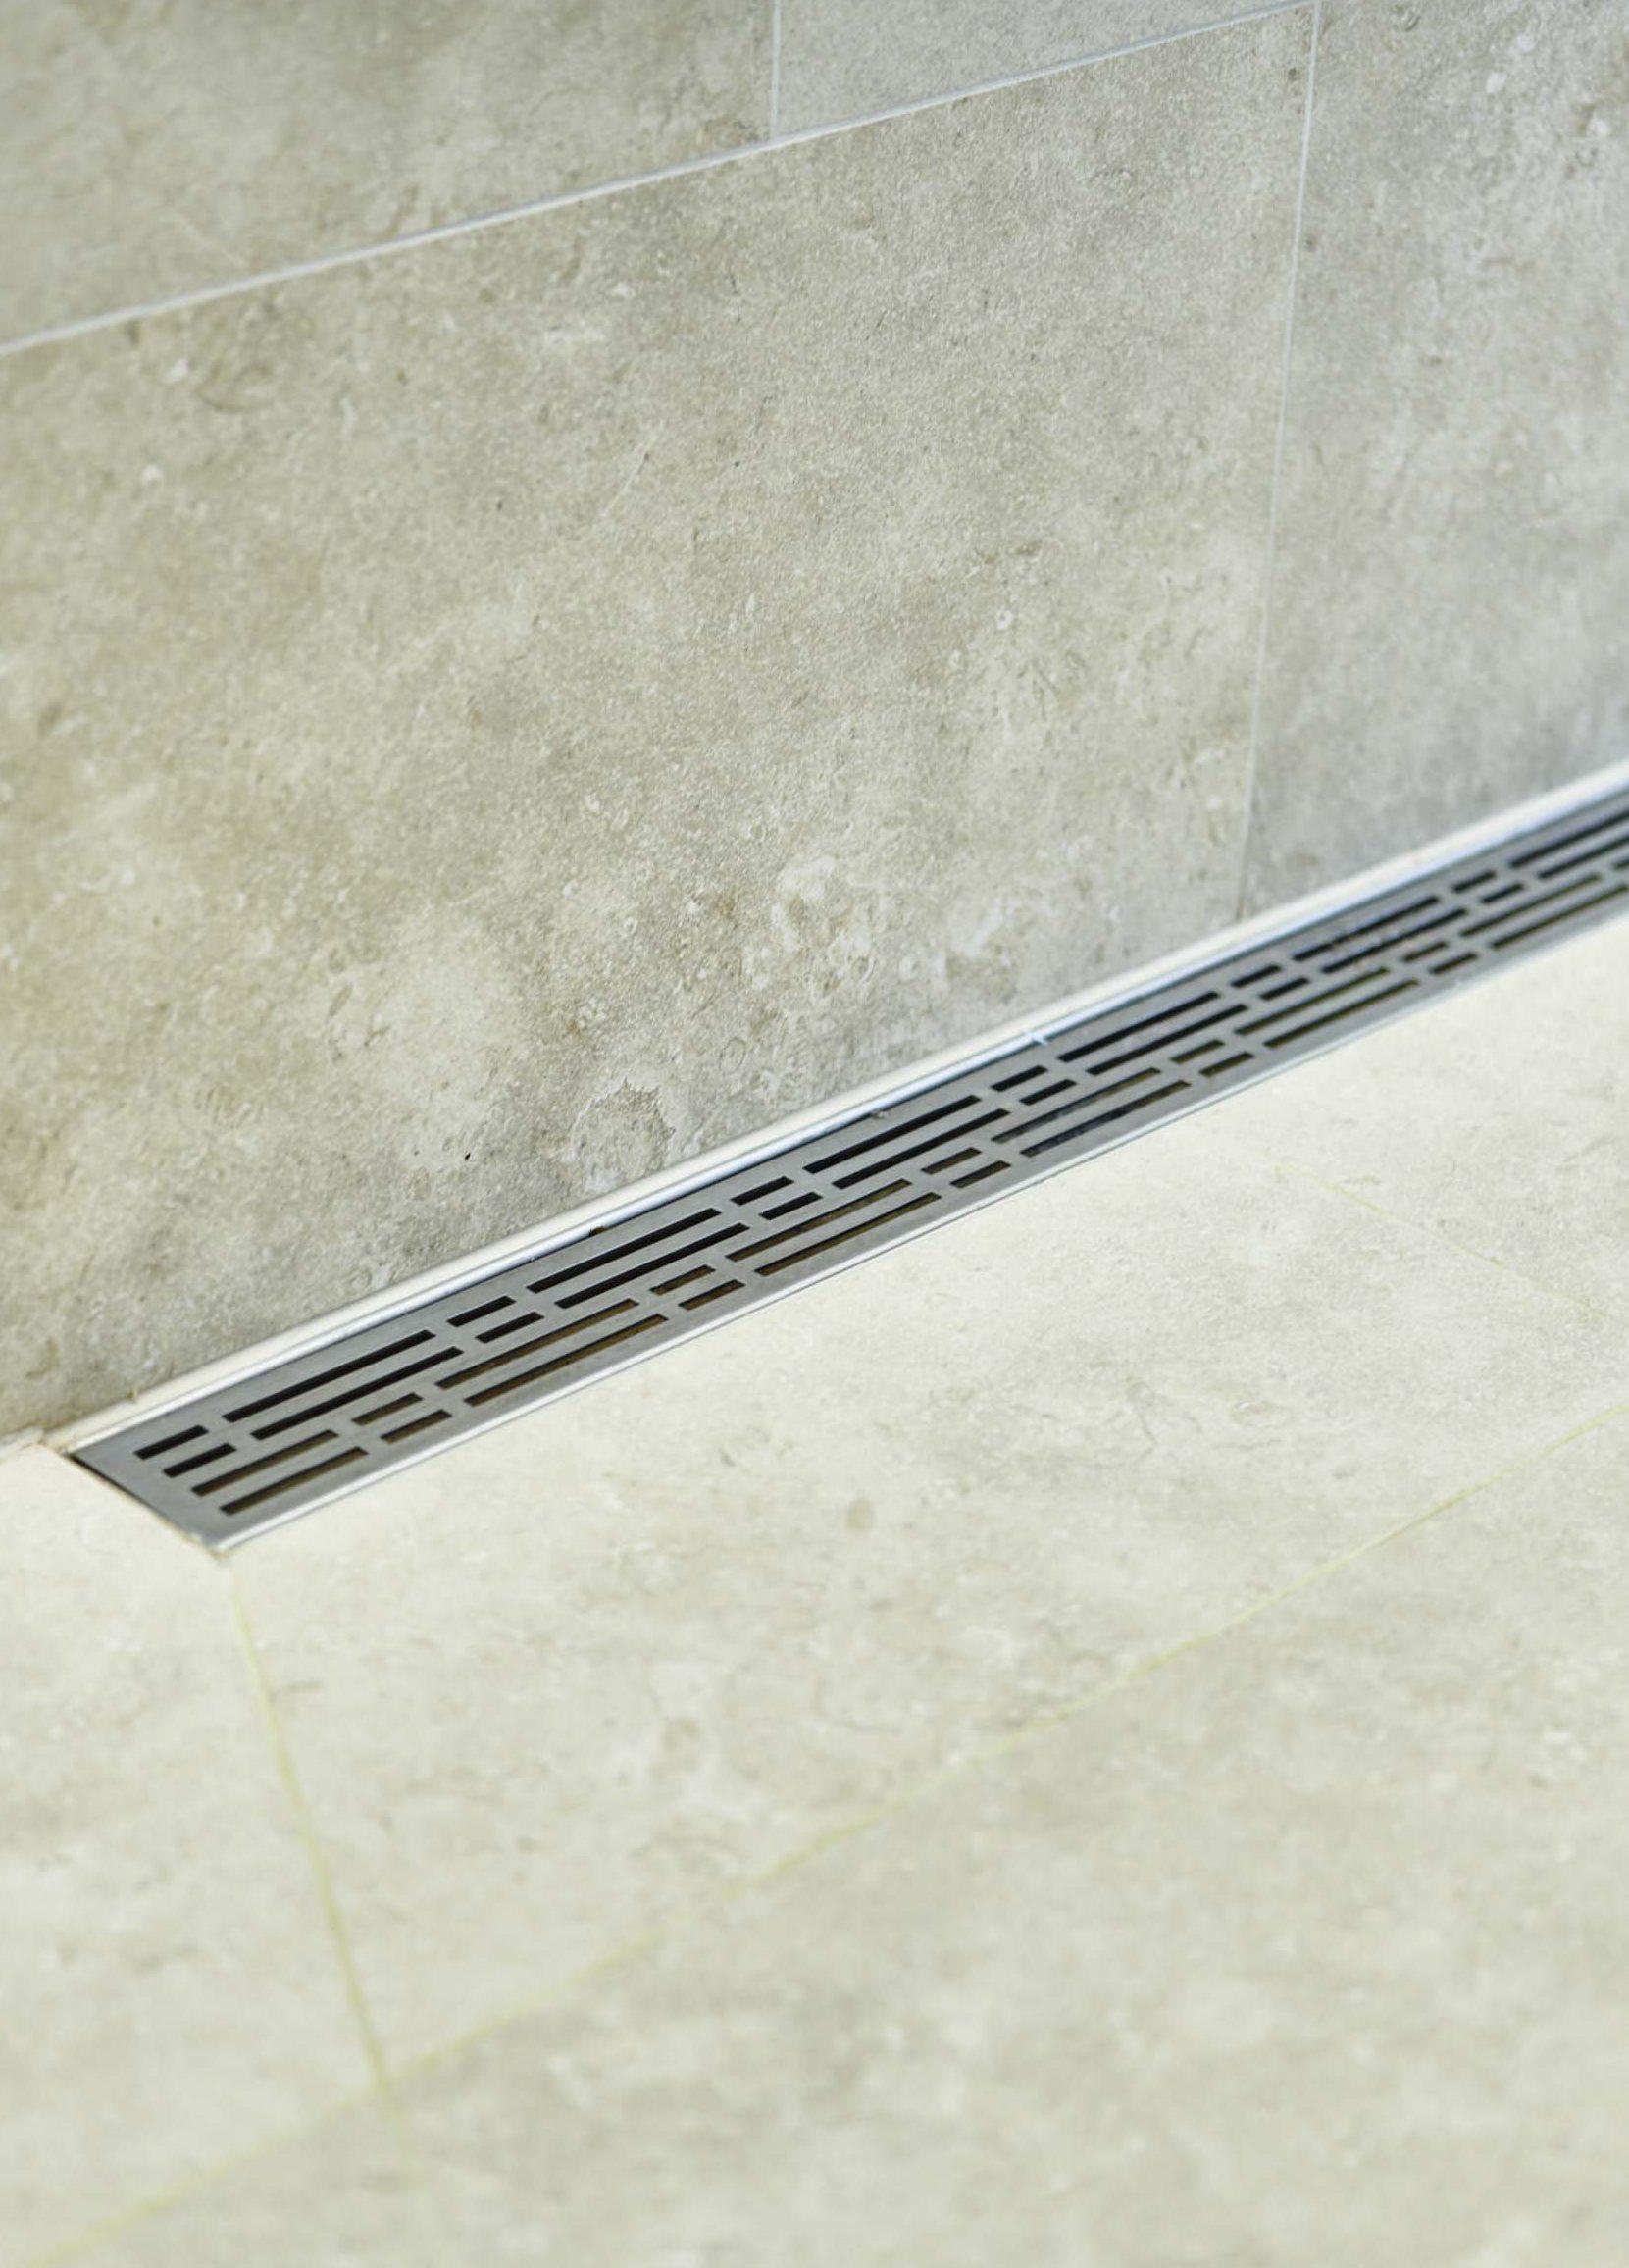 Vanda-projects-interieurinrichting-meubelmakerij-oost-vlaanderen-riem-afvoerput